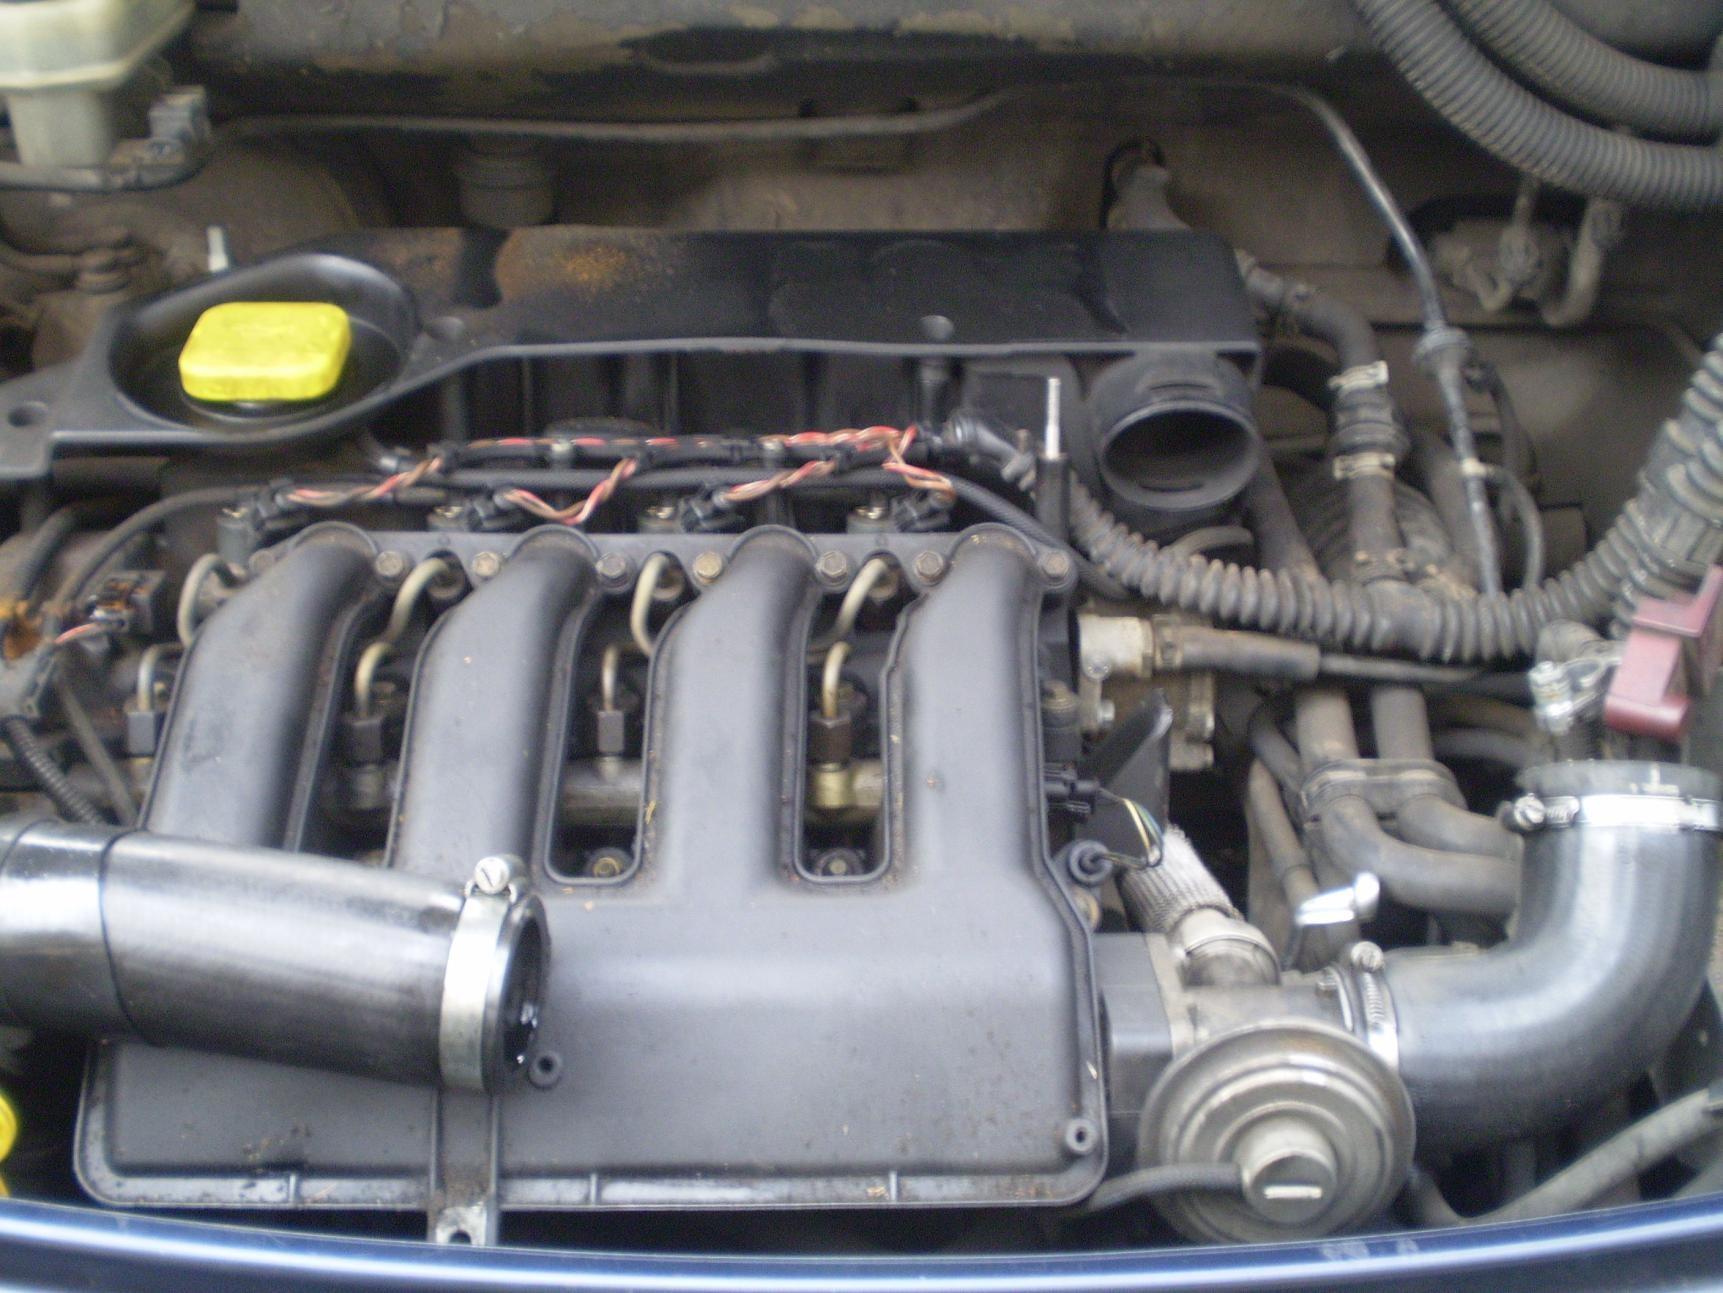 2002 Land Rover Freelander Engine Diagram Starter Motor Removal 2001 Td4 Freelander Of 2002 Land Rover Freelander Engine Diagram